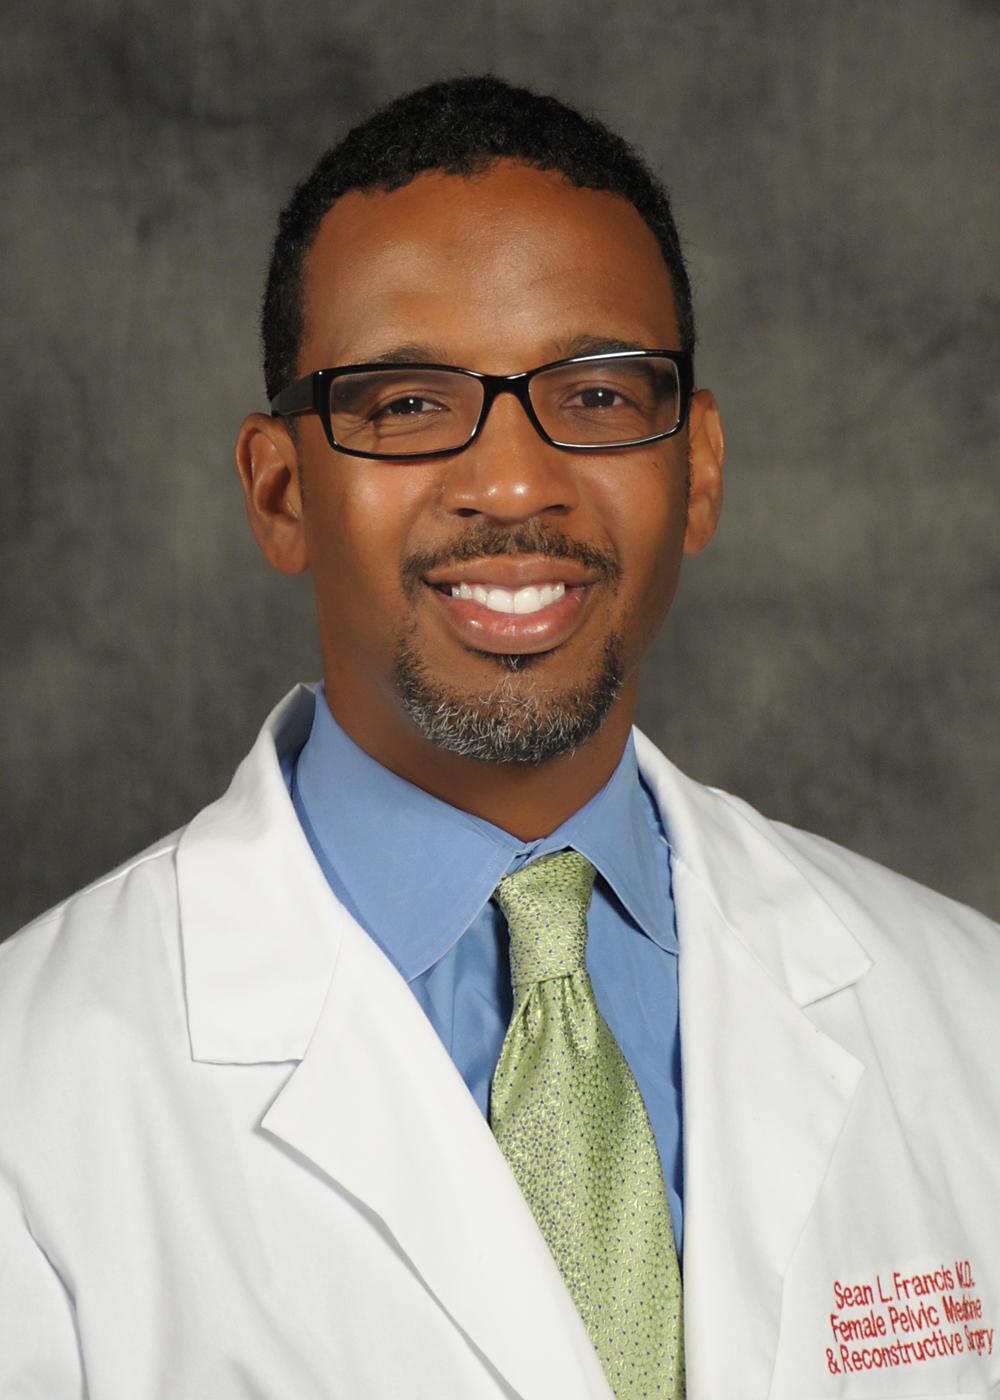 Sean Francis, M.D.